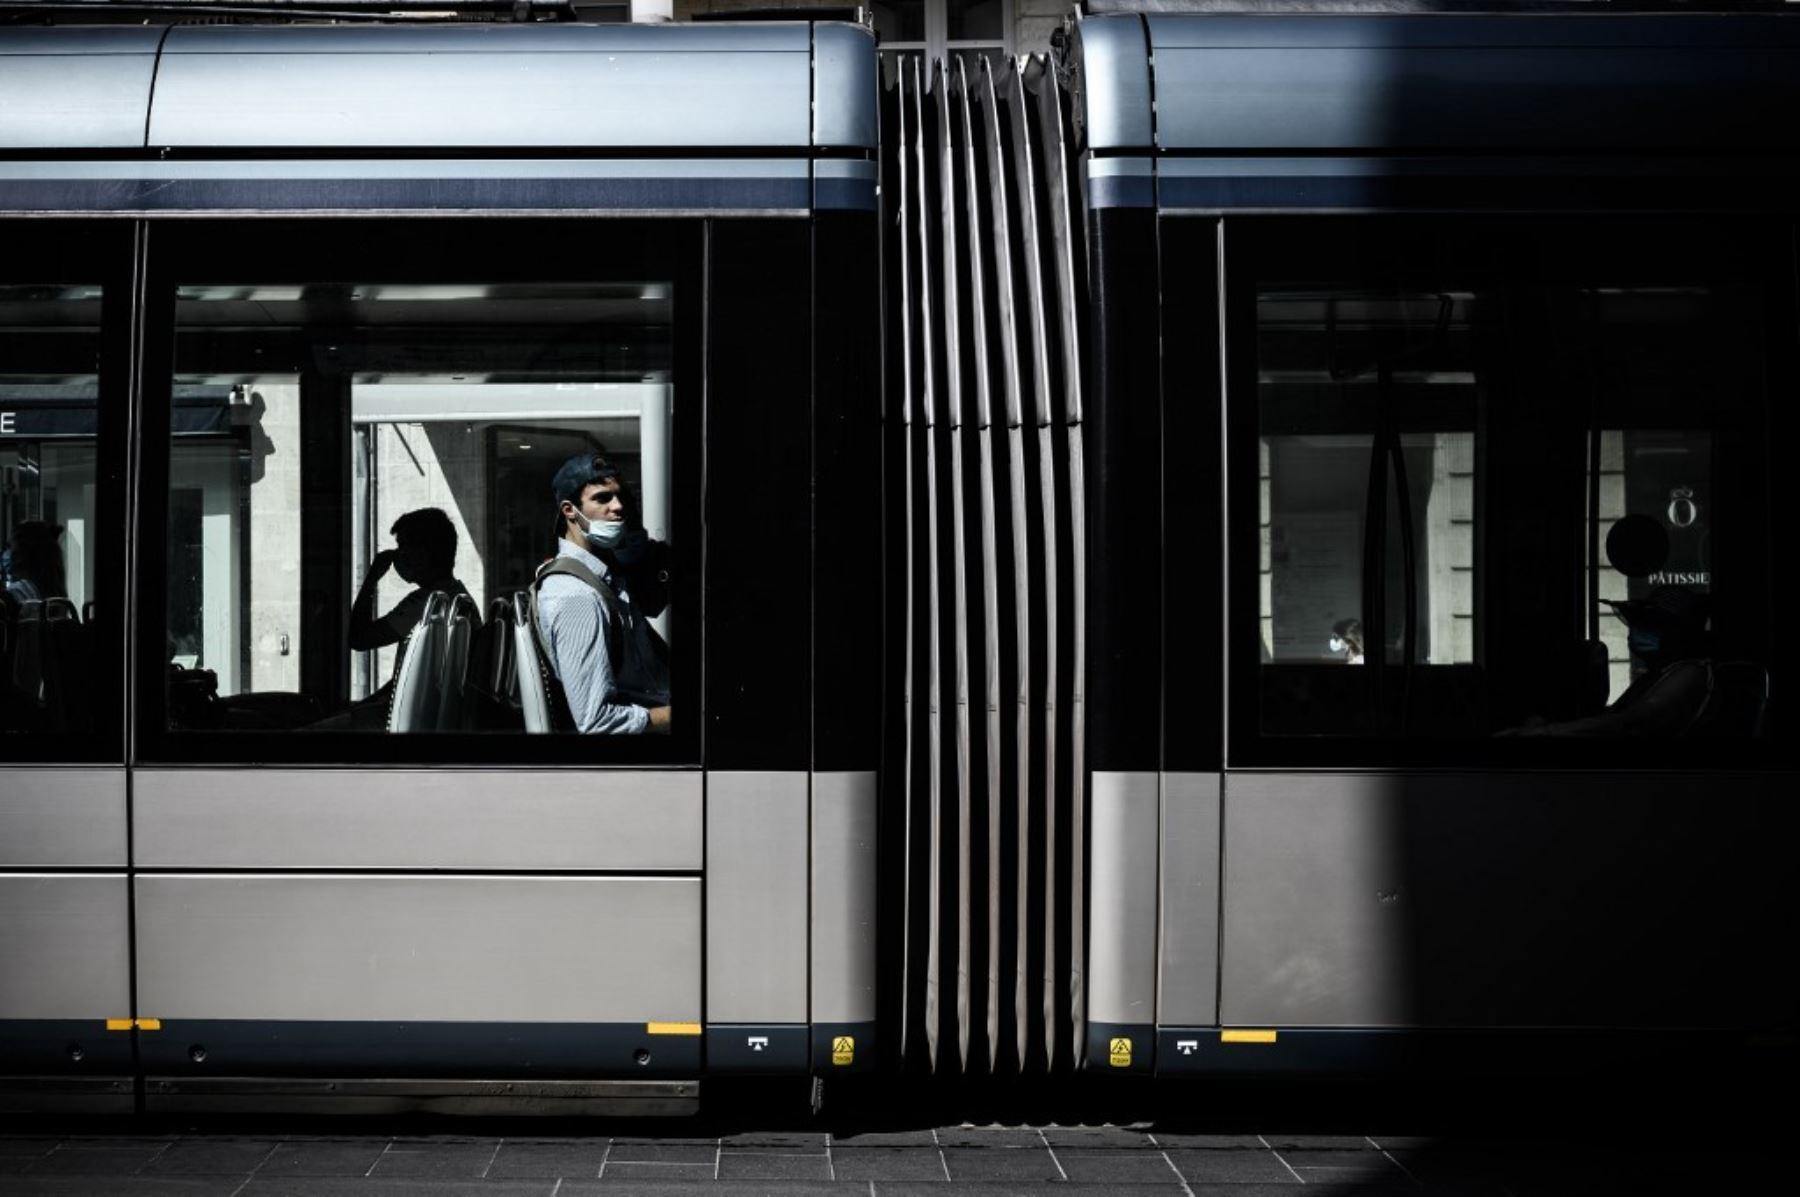 Ciudadanos  con mascarillas se  protegen del covid-19, se movilizan en el tranvía en Burdeos, suroeste de Francia.Foto:AFP